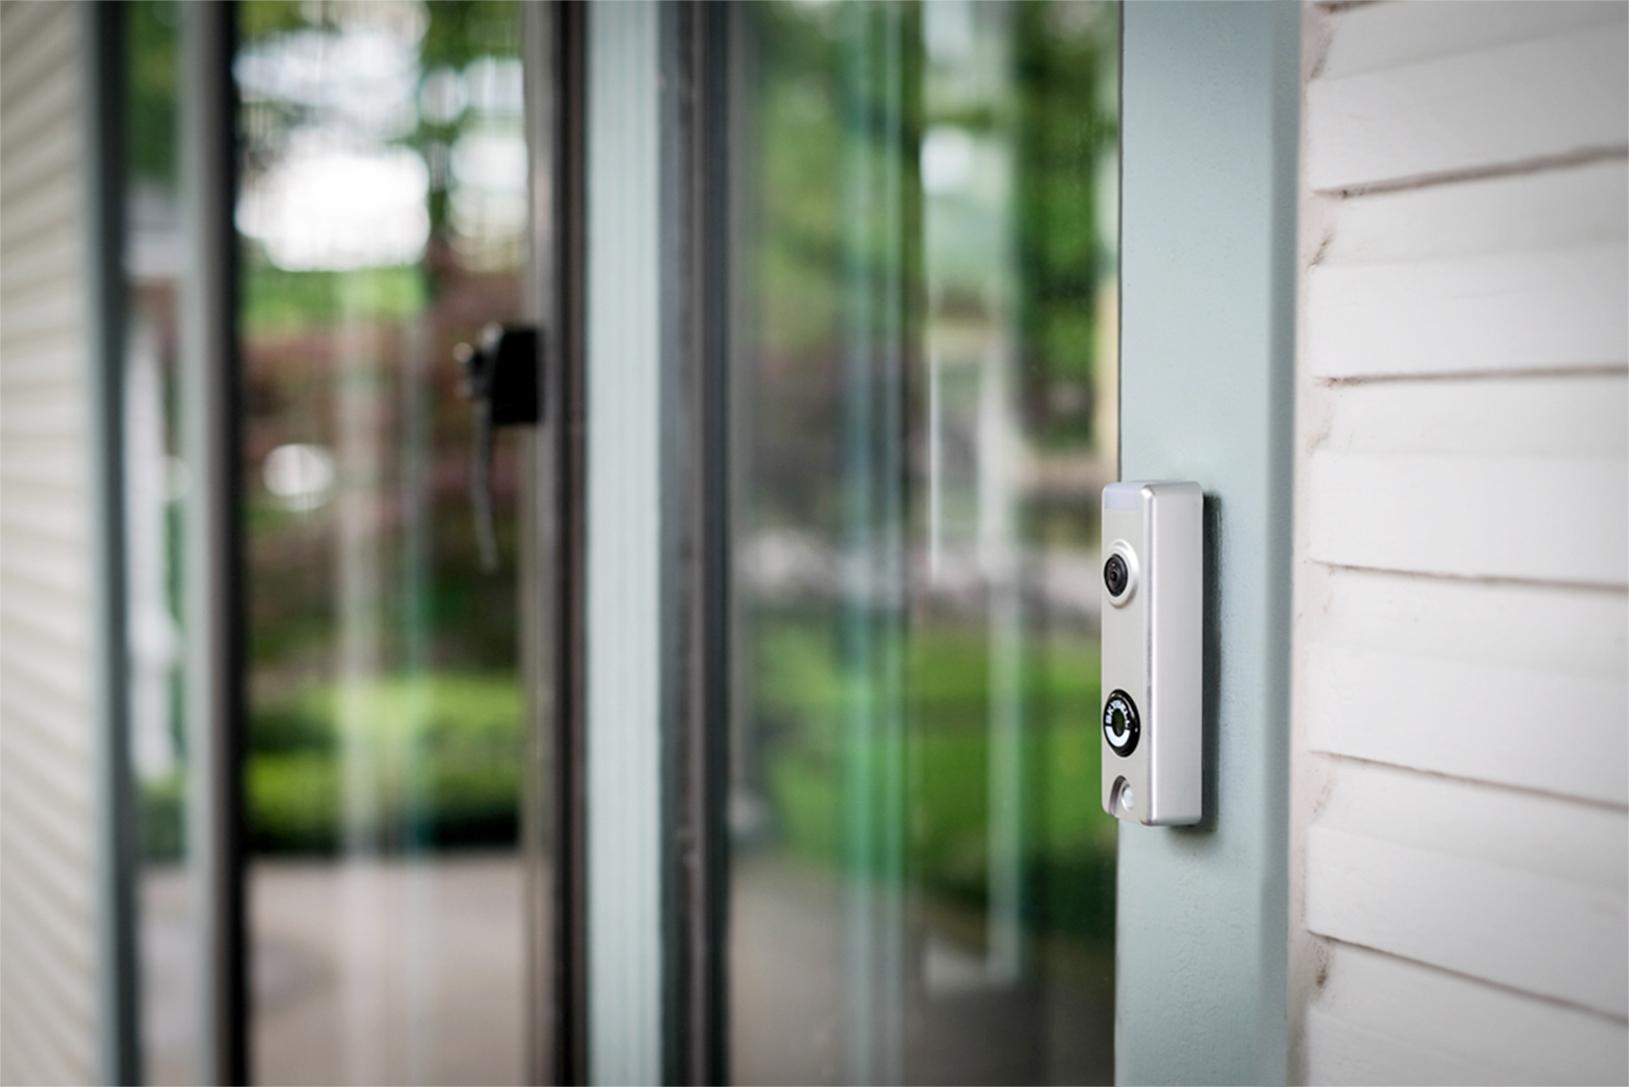 Video_Doorbell_SkyBell_Trim_Application_3_hi.jpg